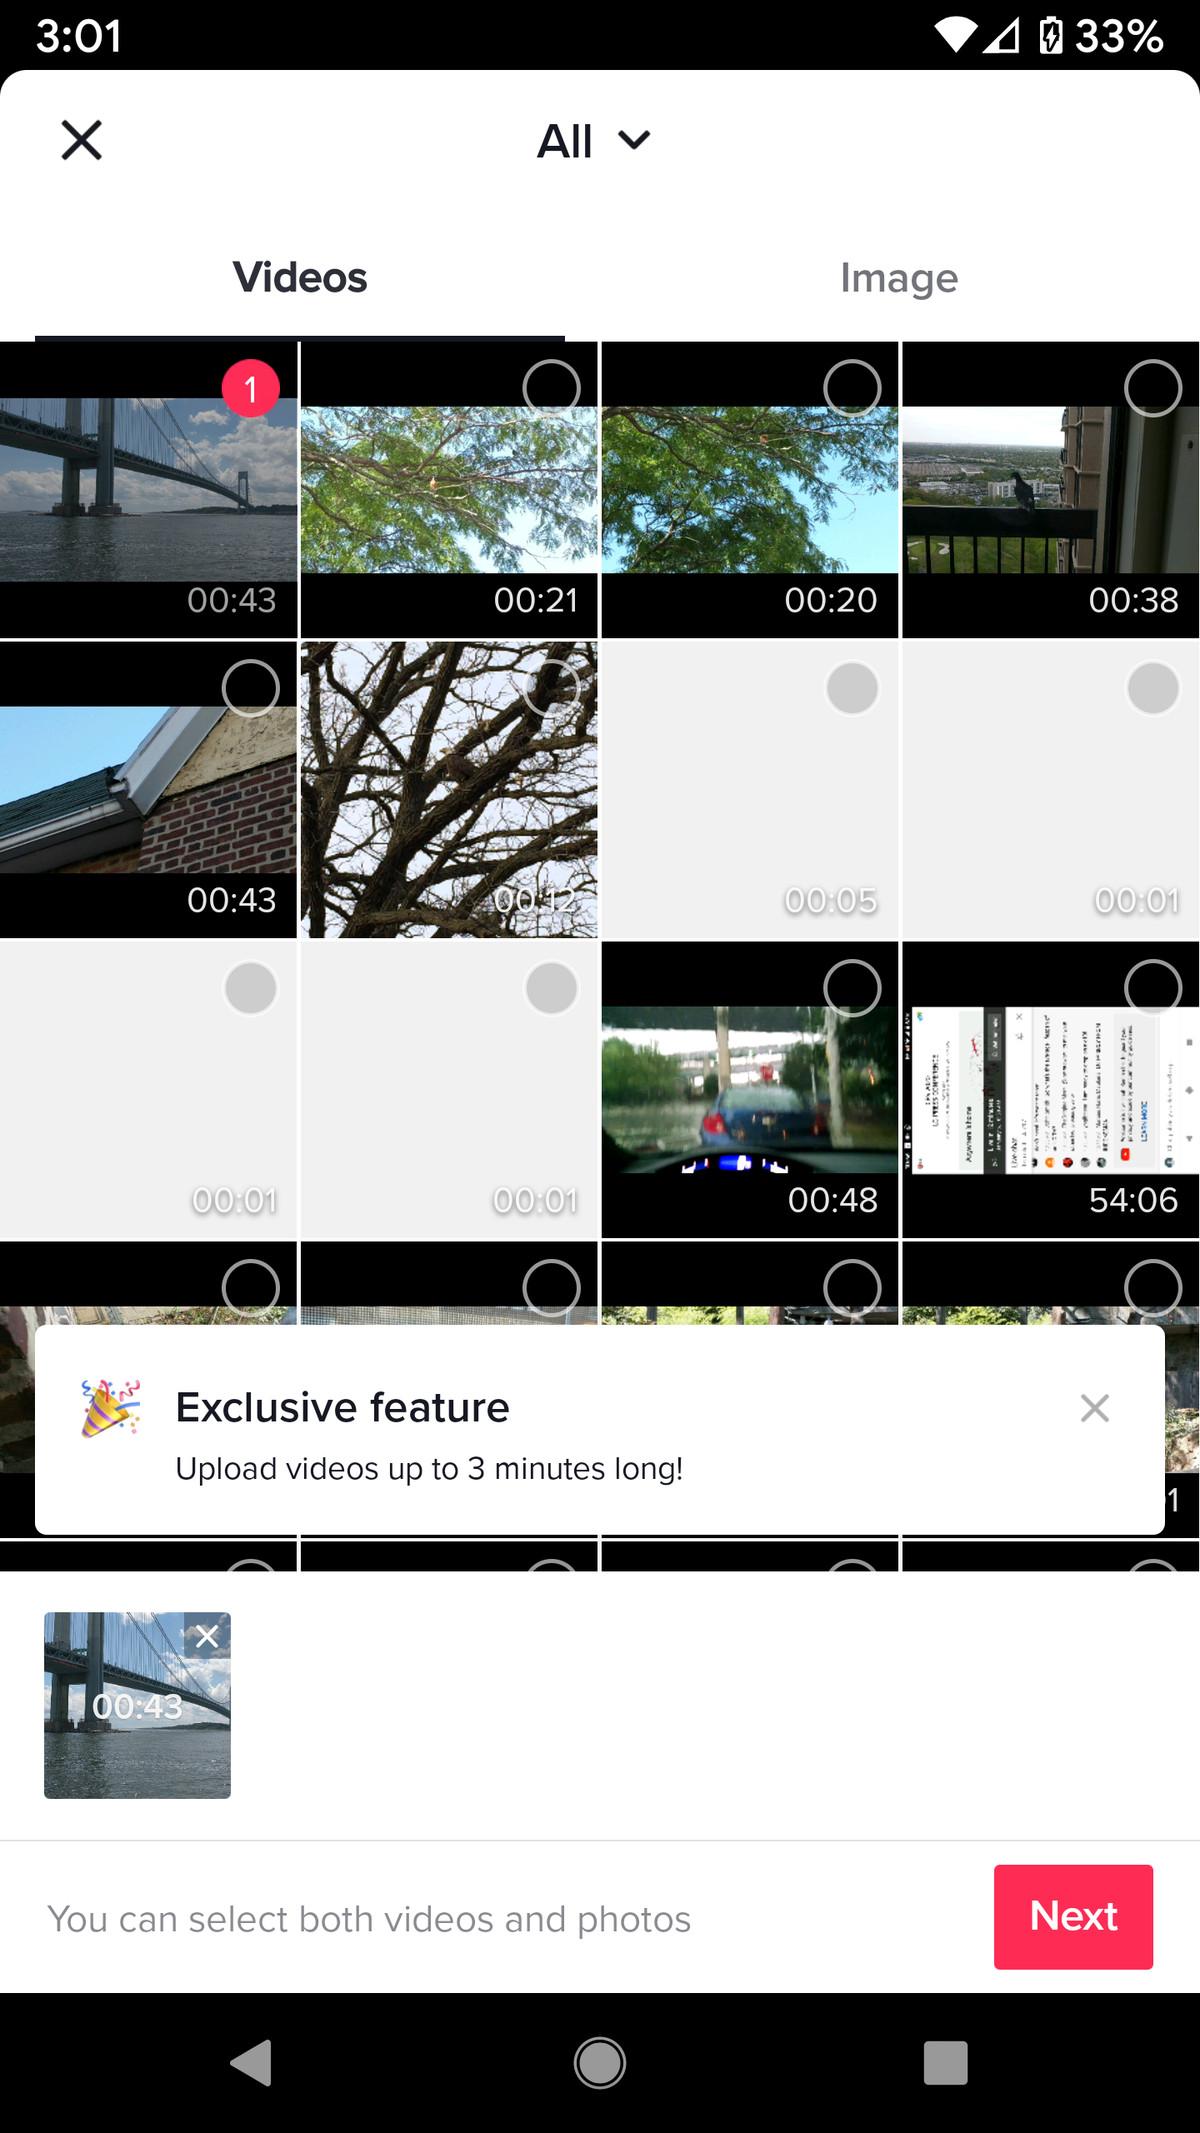 Miniaturile videoclipului sau fotografiei alese vor apărea în partea de jos.